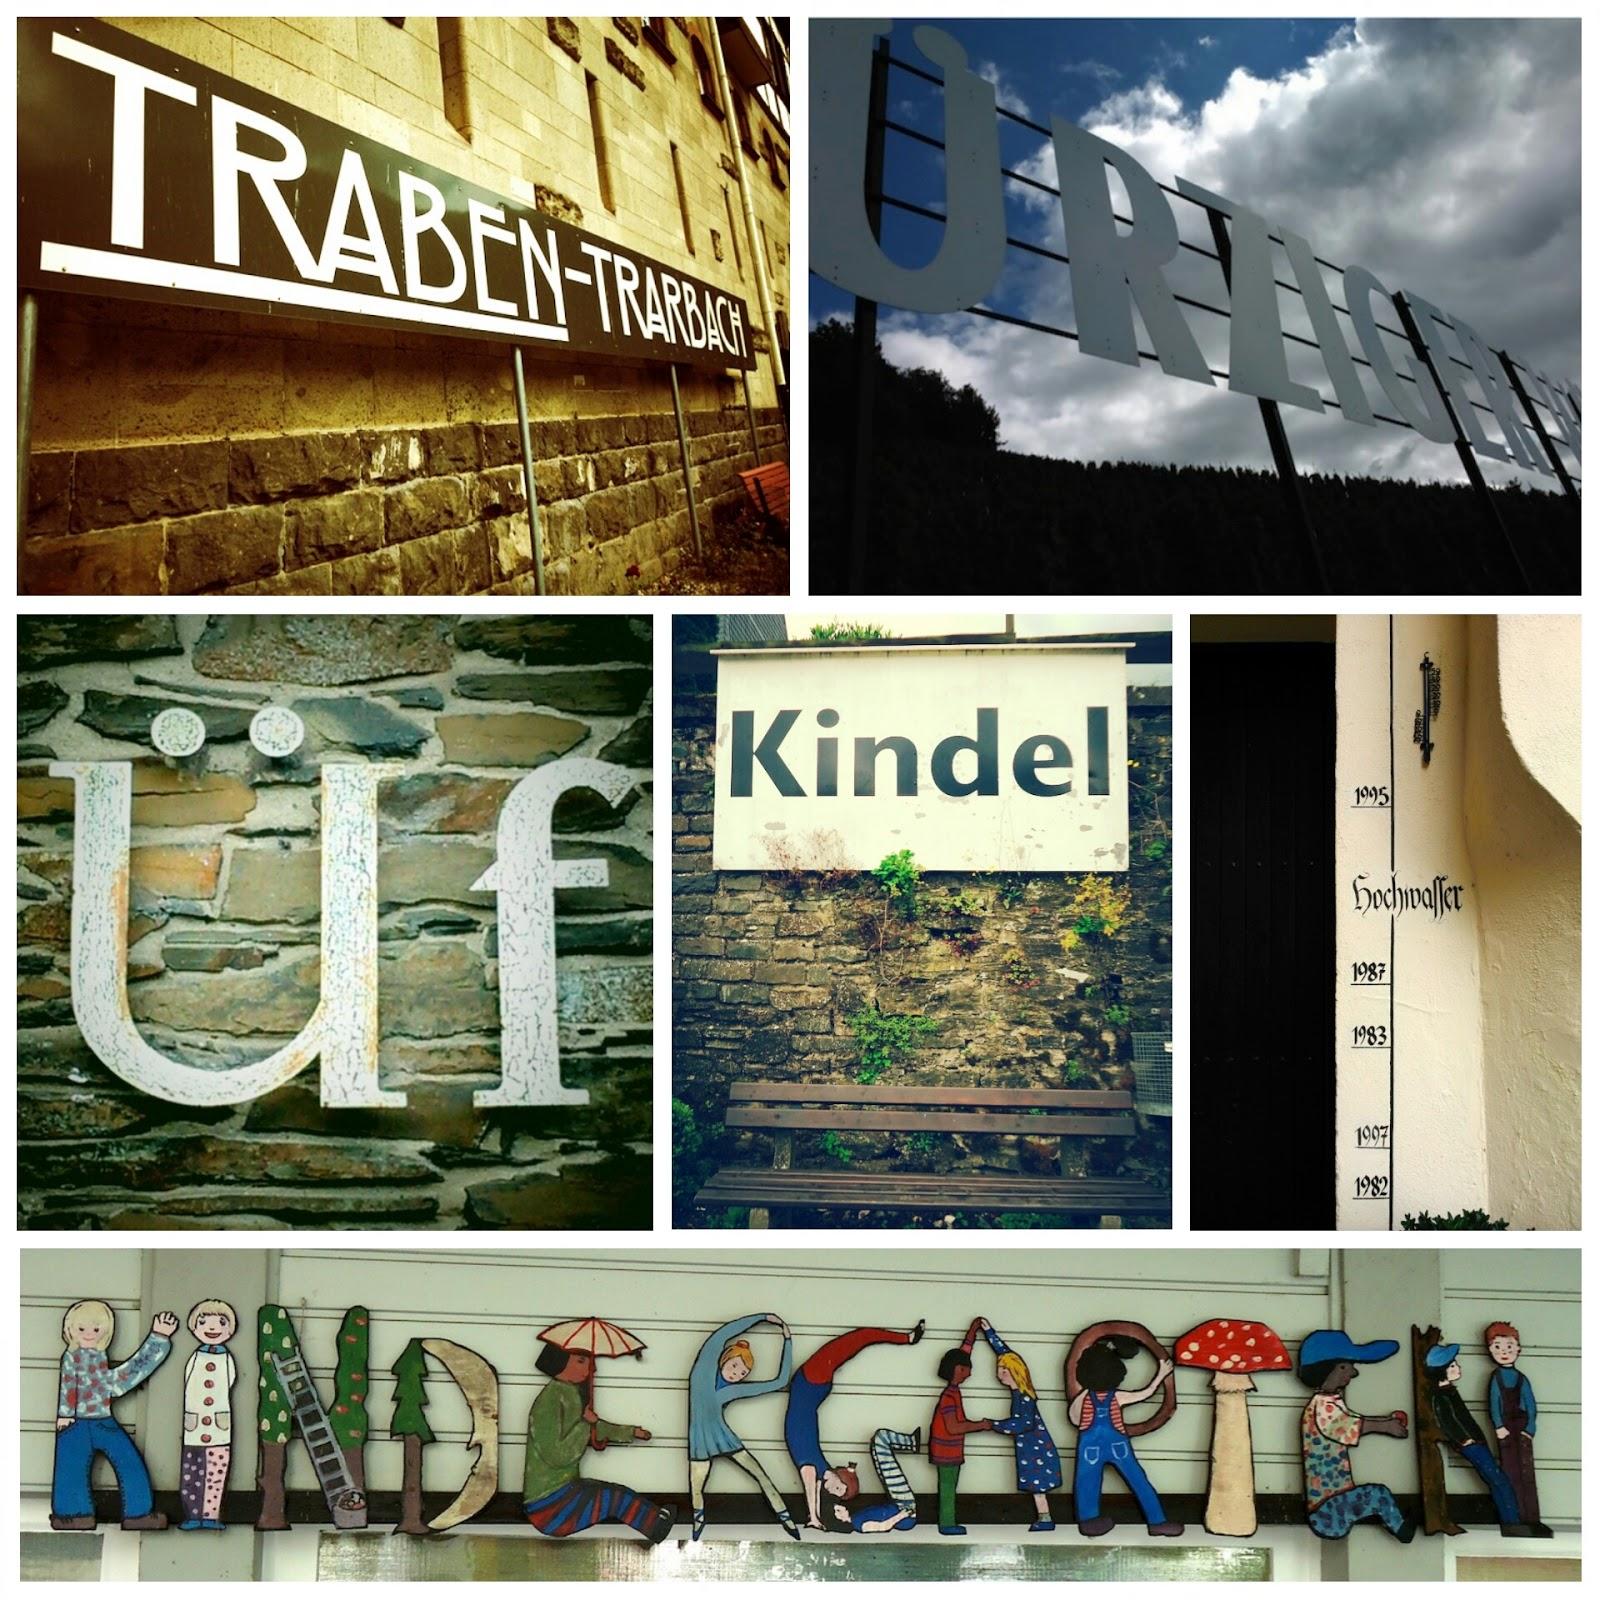 Rhineland-Palatinate signage